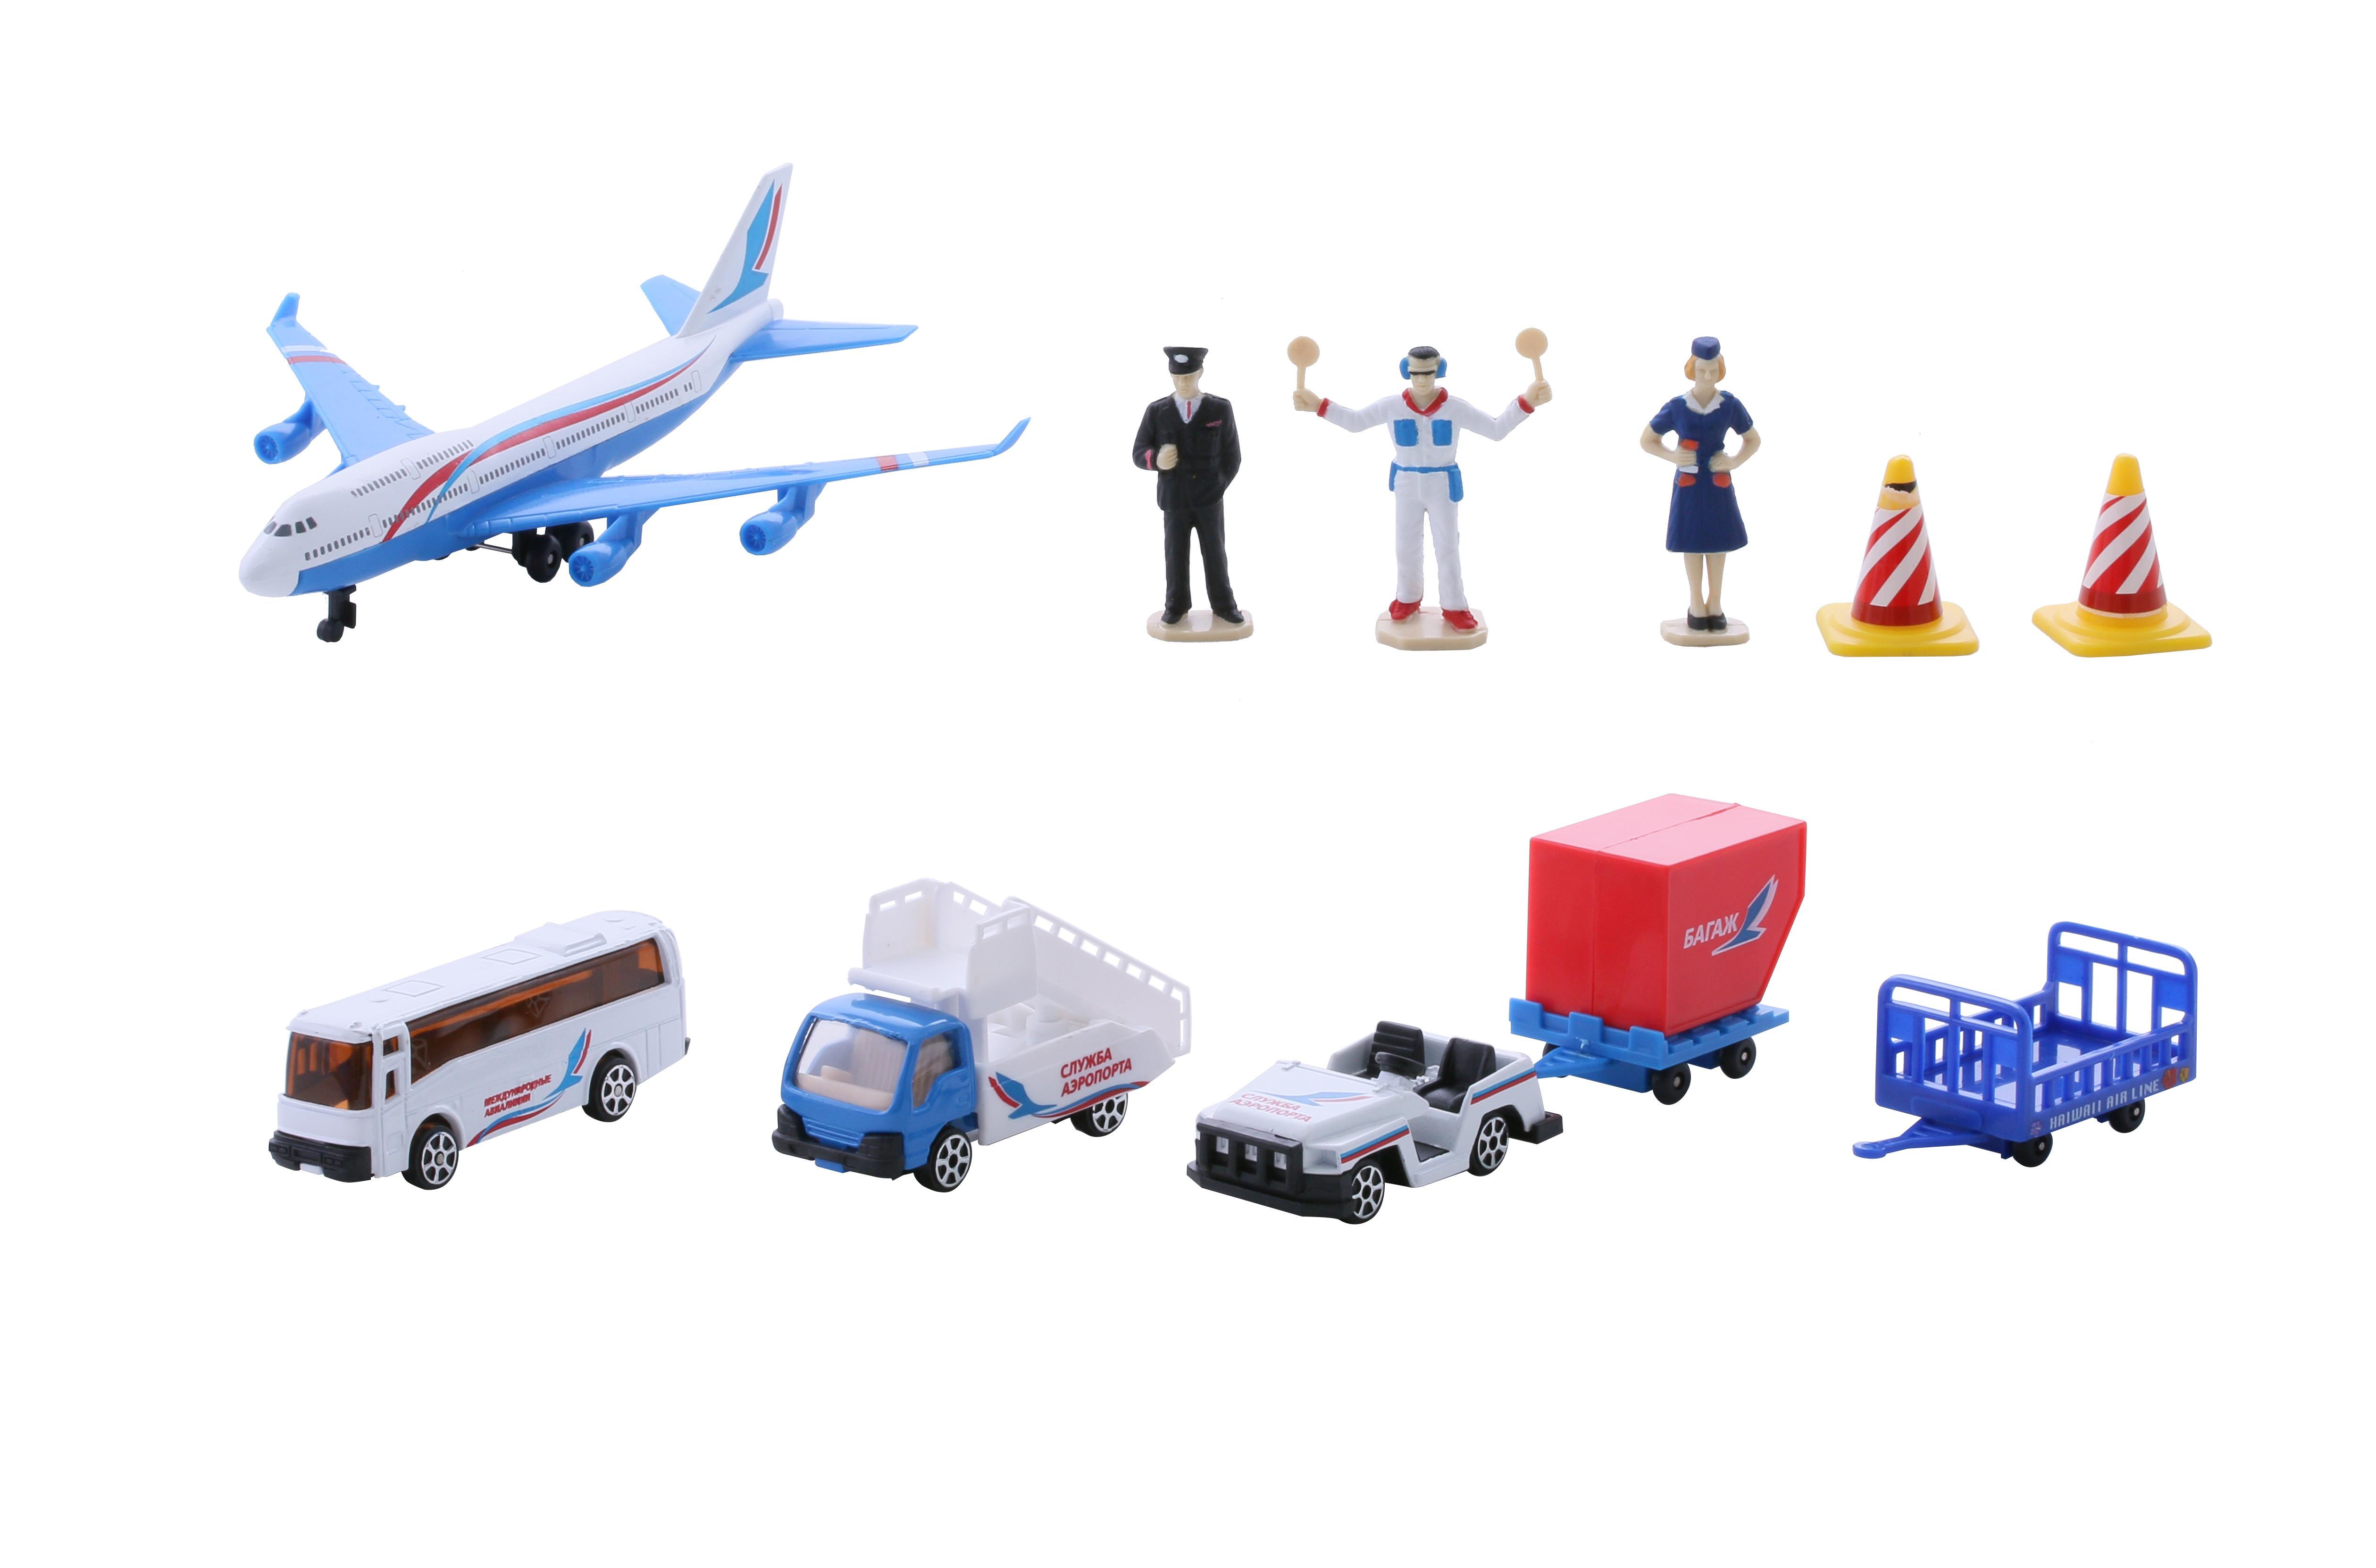 Самолеты и вертолеты WinCars Игровой набор Wincars «Аэропорт» с аксессуарами 1:100 dickie toys игровой набор фигурки с аксессуарами